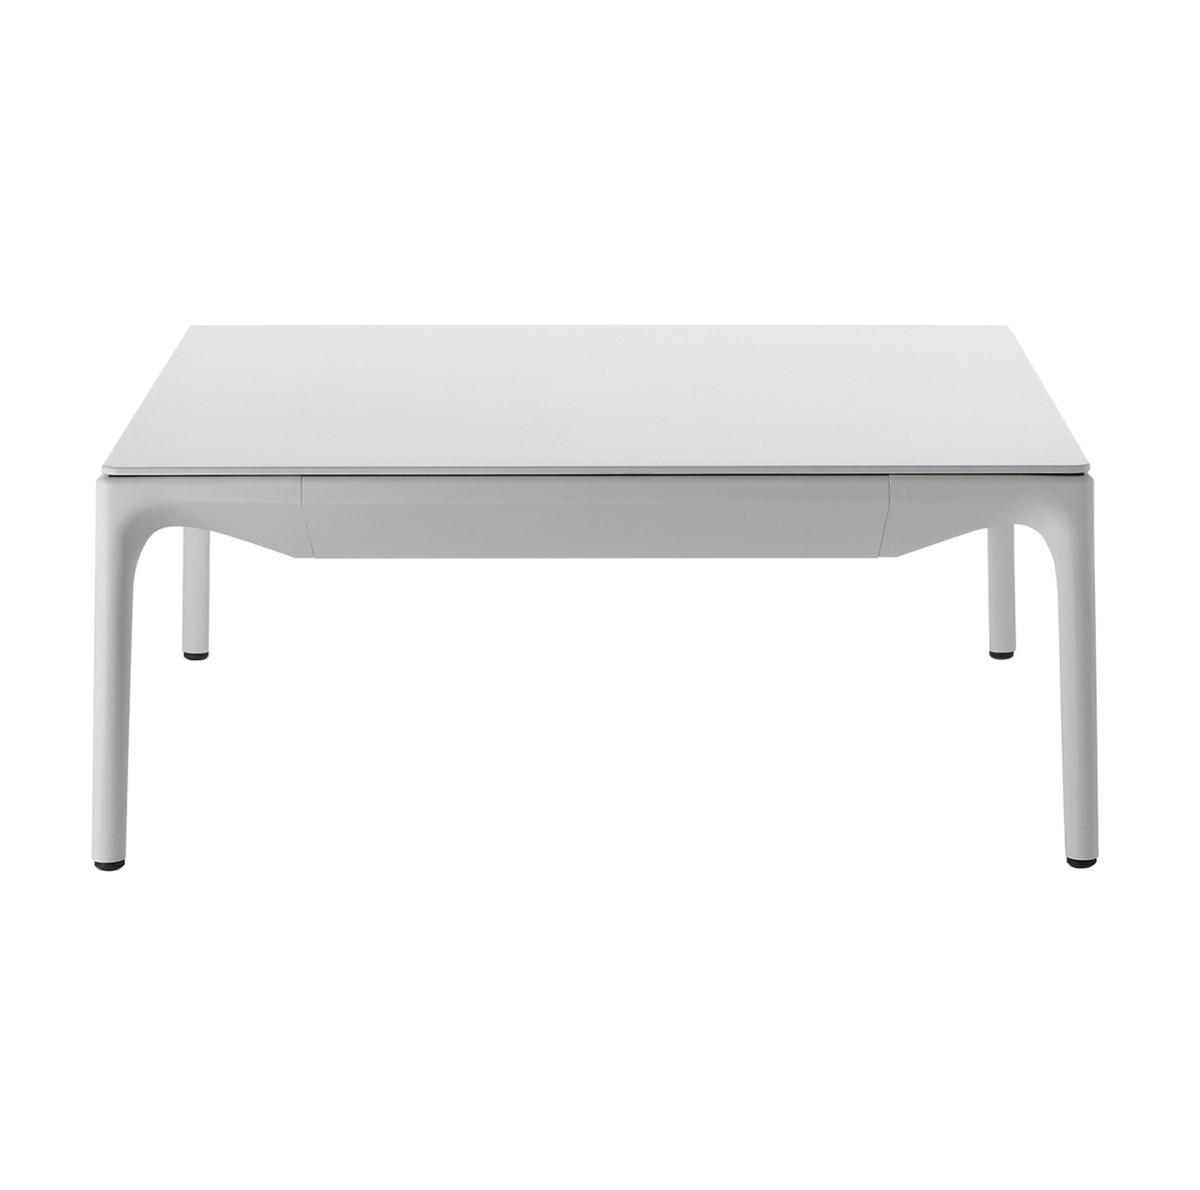 MDF-Italia-Jean-Marie-Massaud-Yale-Low-Table-Matisse-1